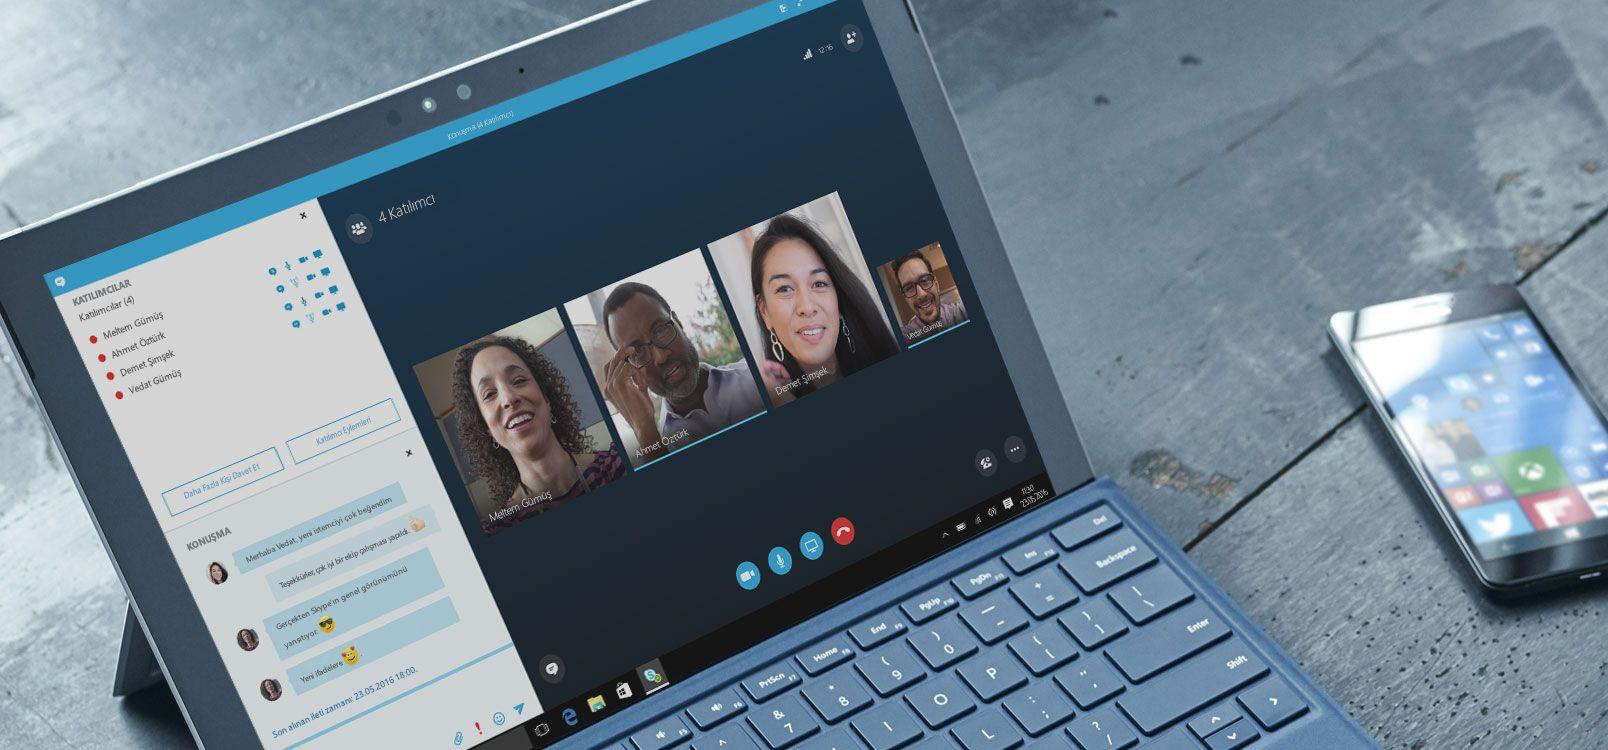 Belgeler üzerinde işbirliği yapmak için tablette ve akıllı telefonda Office 365 kullanan kişi.